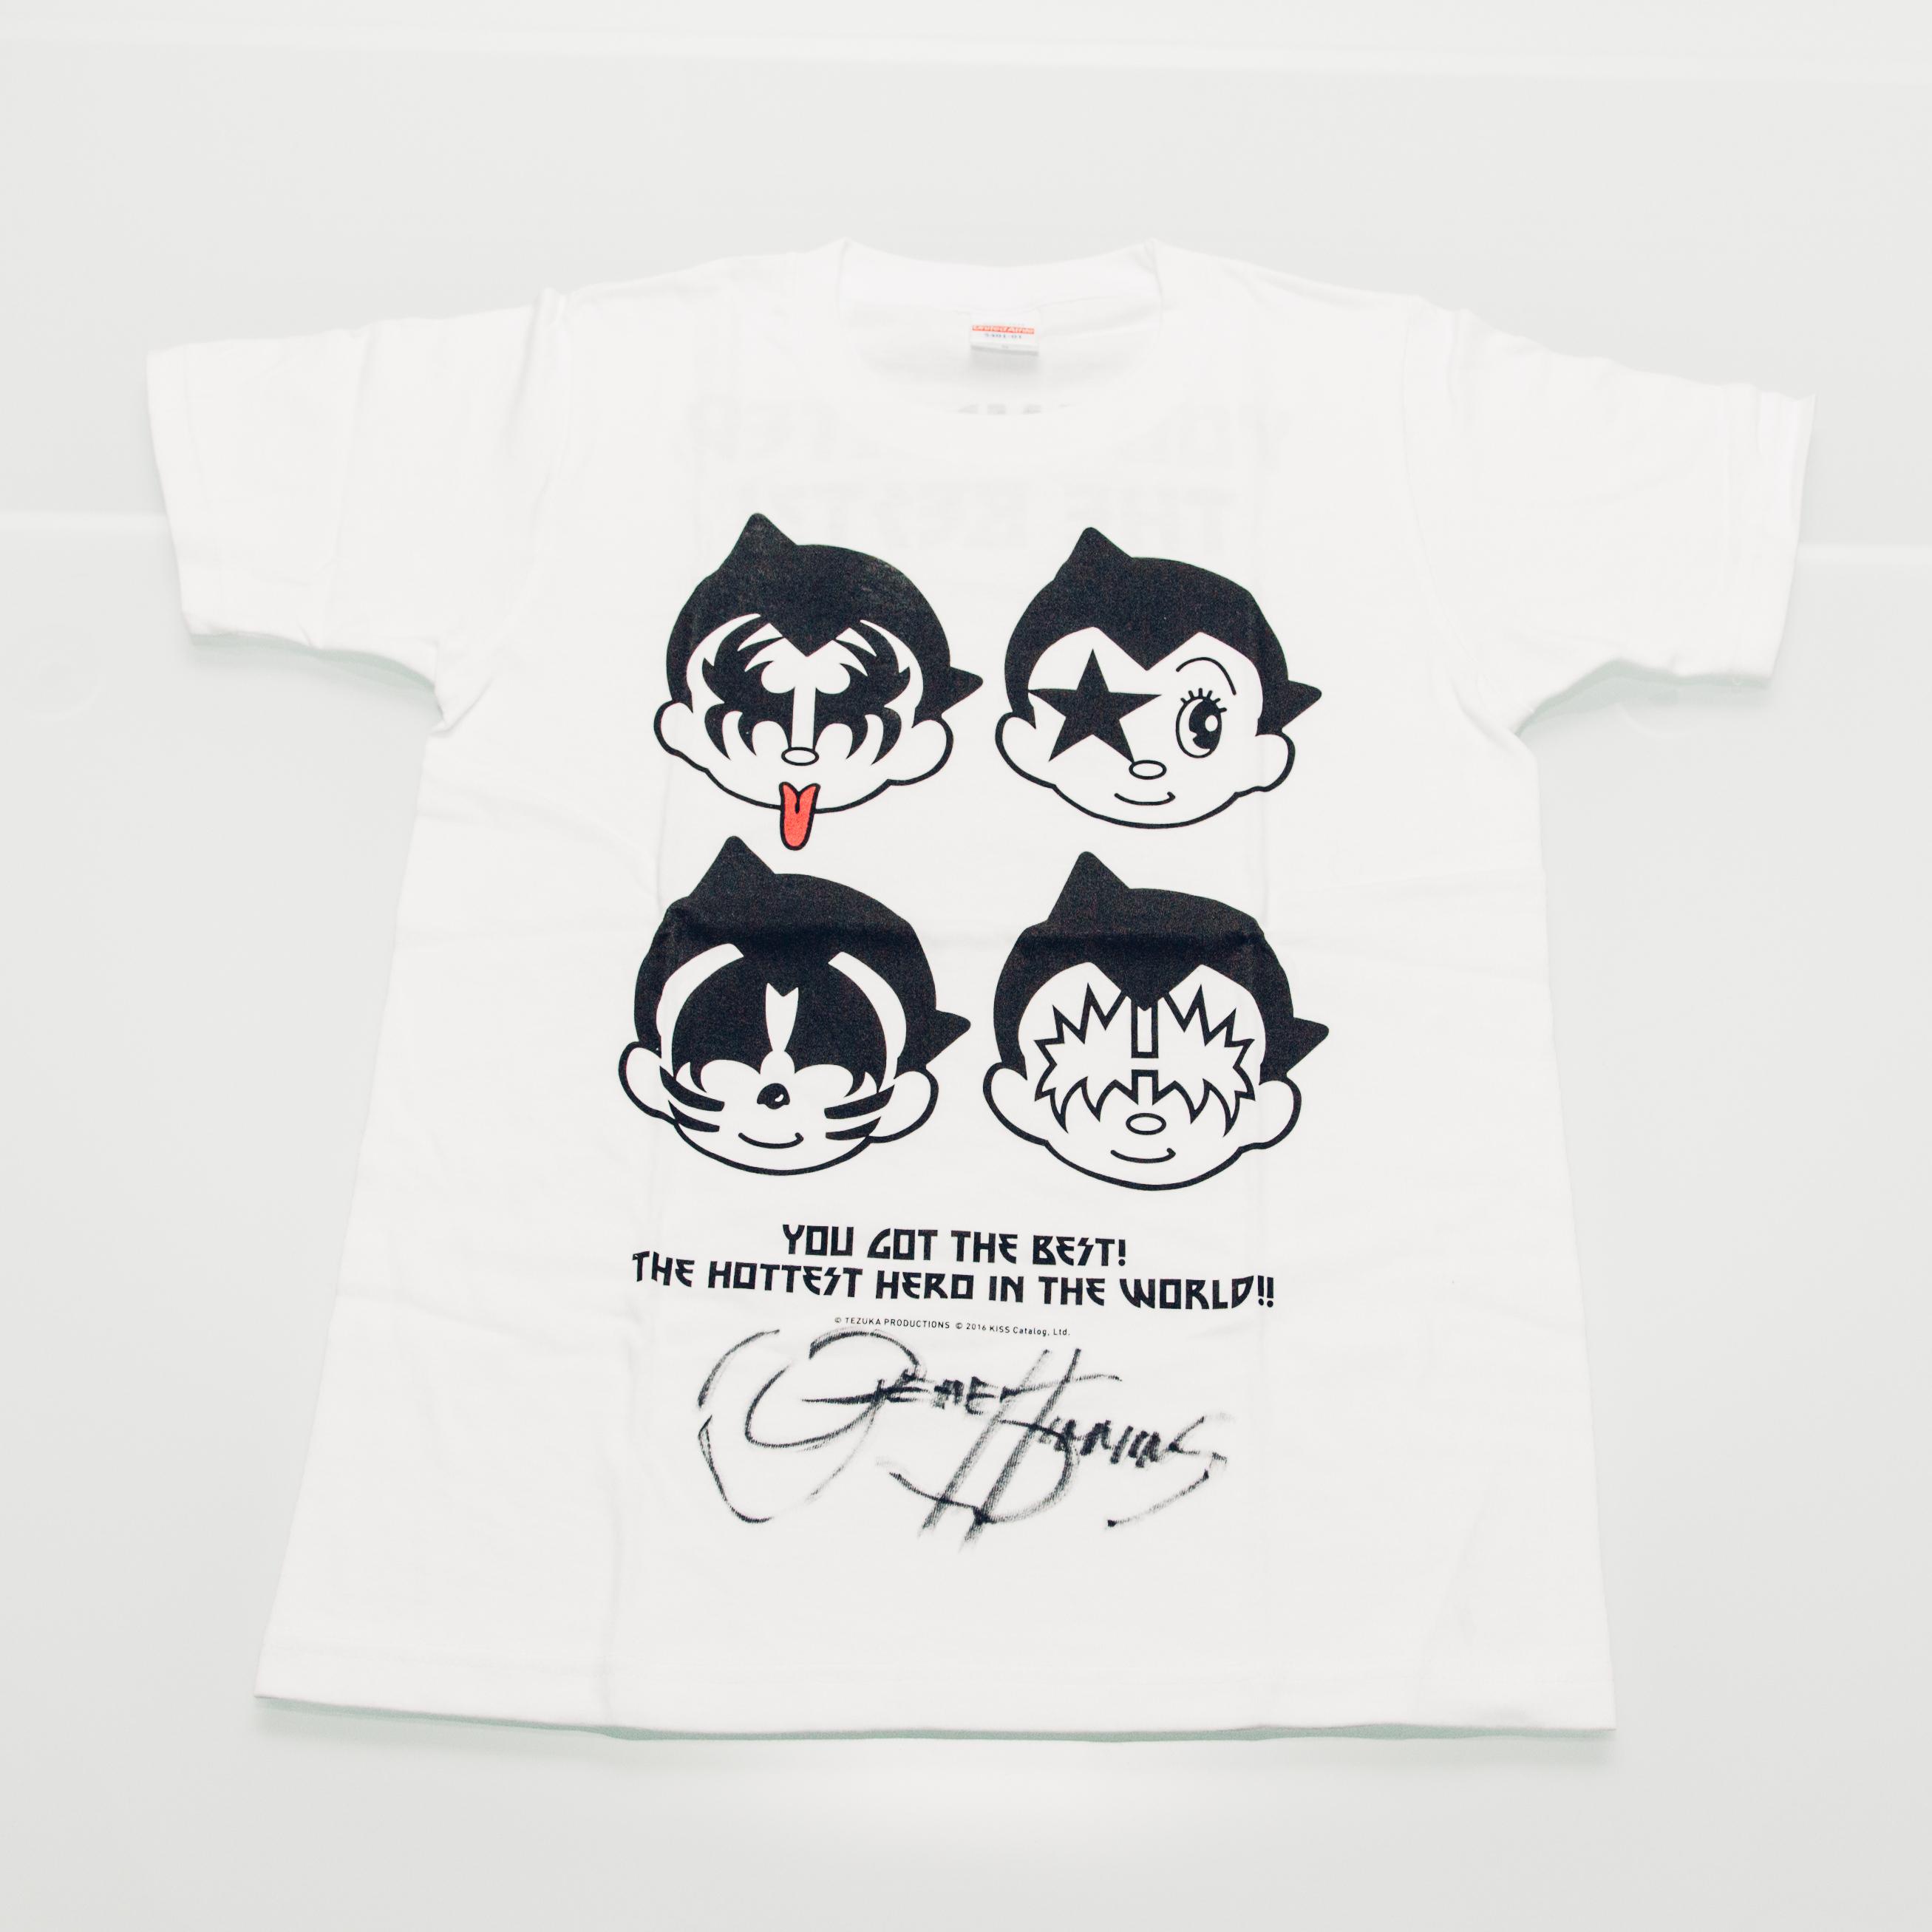 【売約済】ジーン・シモンズ様サイン入りTシャツ